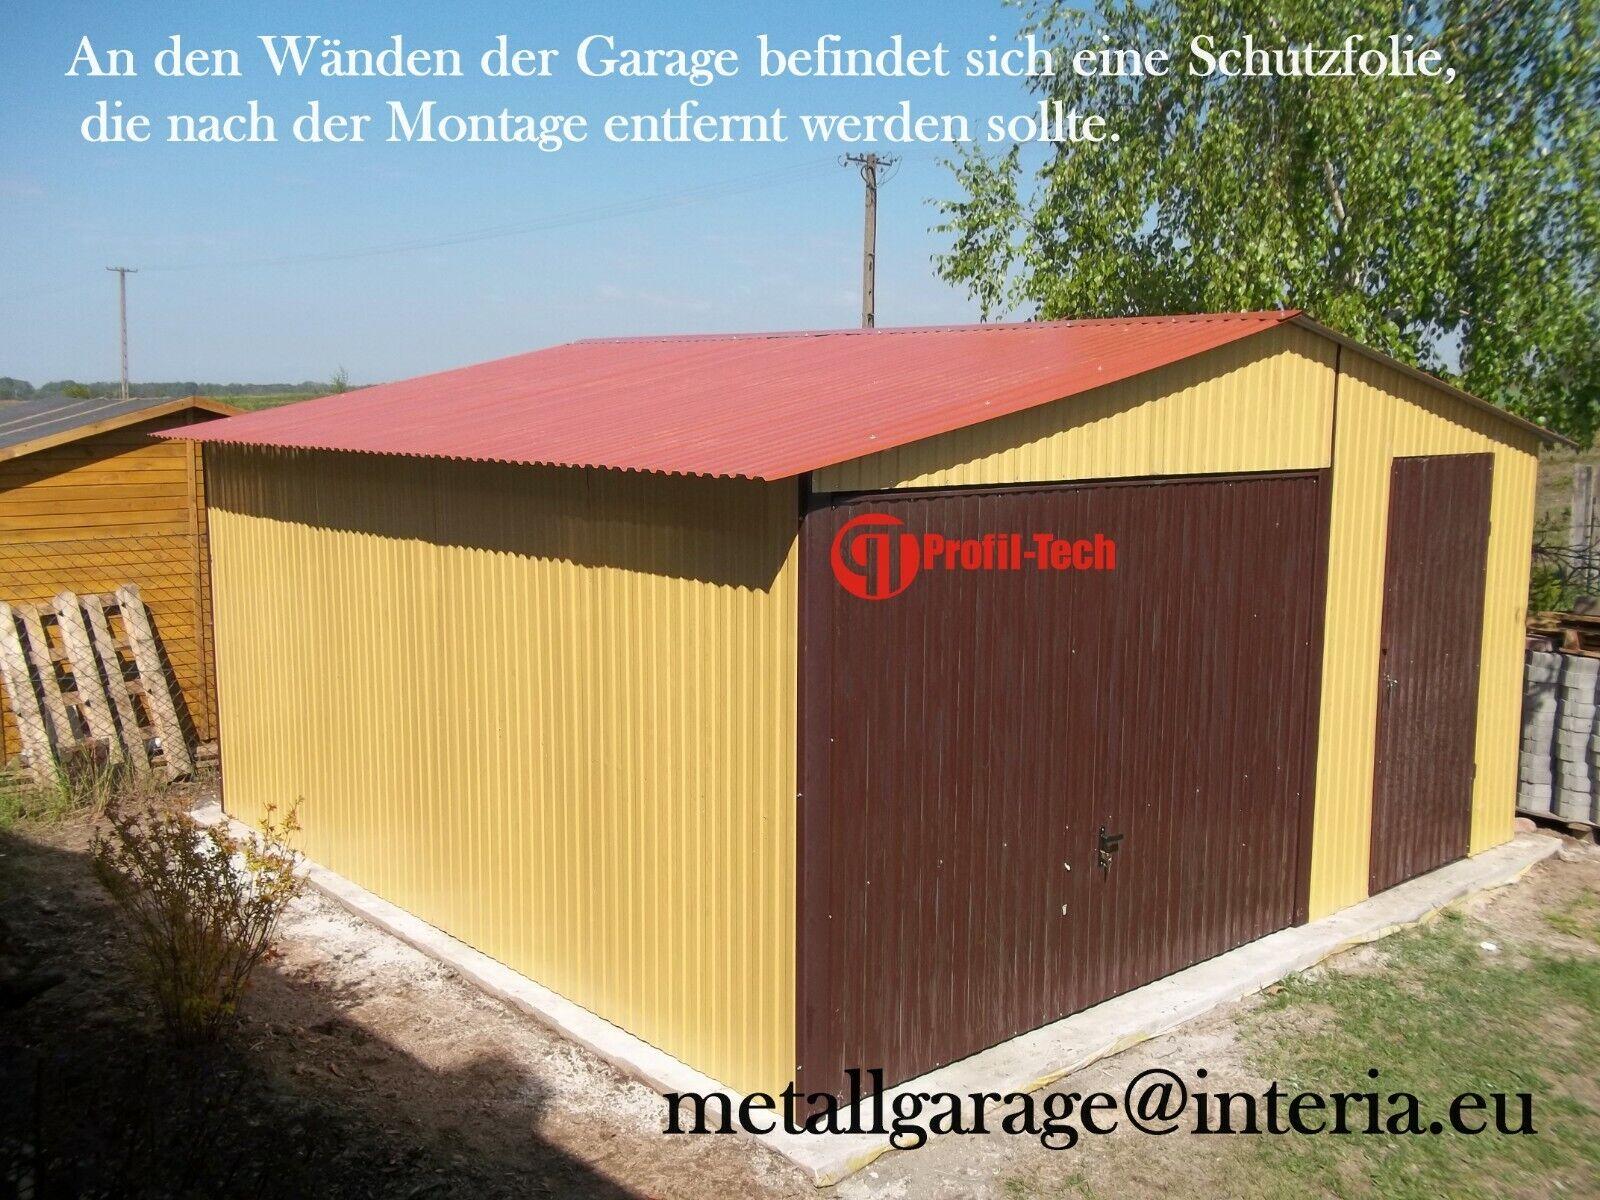 4x4 Blechgarage Fertiggarage Metallgarage LAGERRAUM RAUM KFZ GARAGE CONTEINER